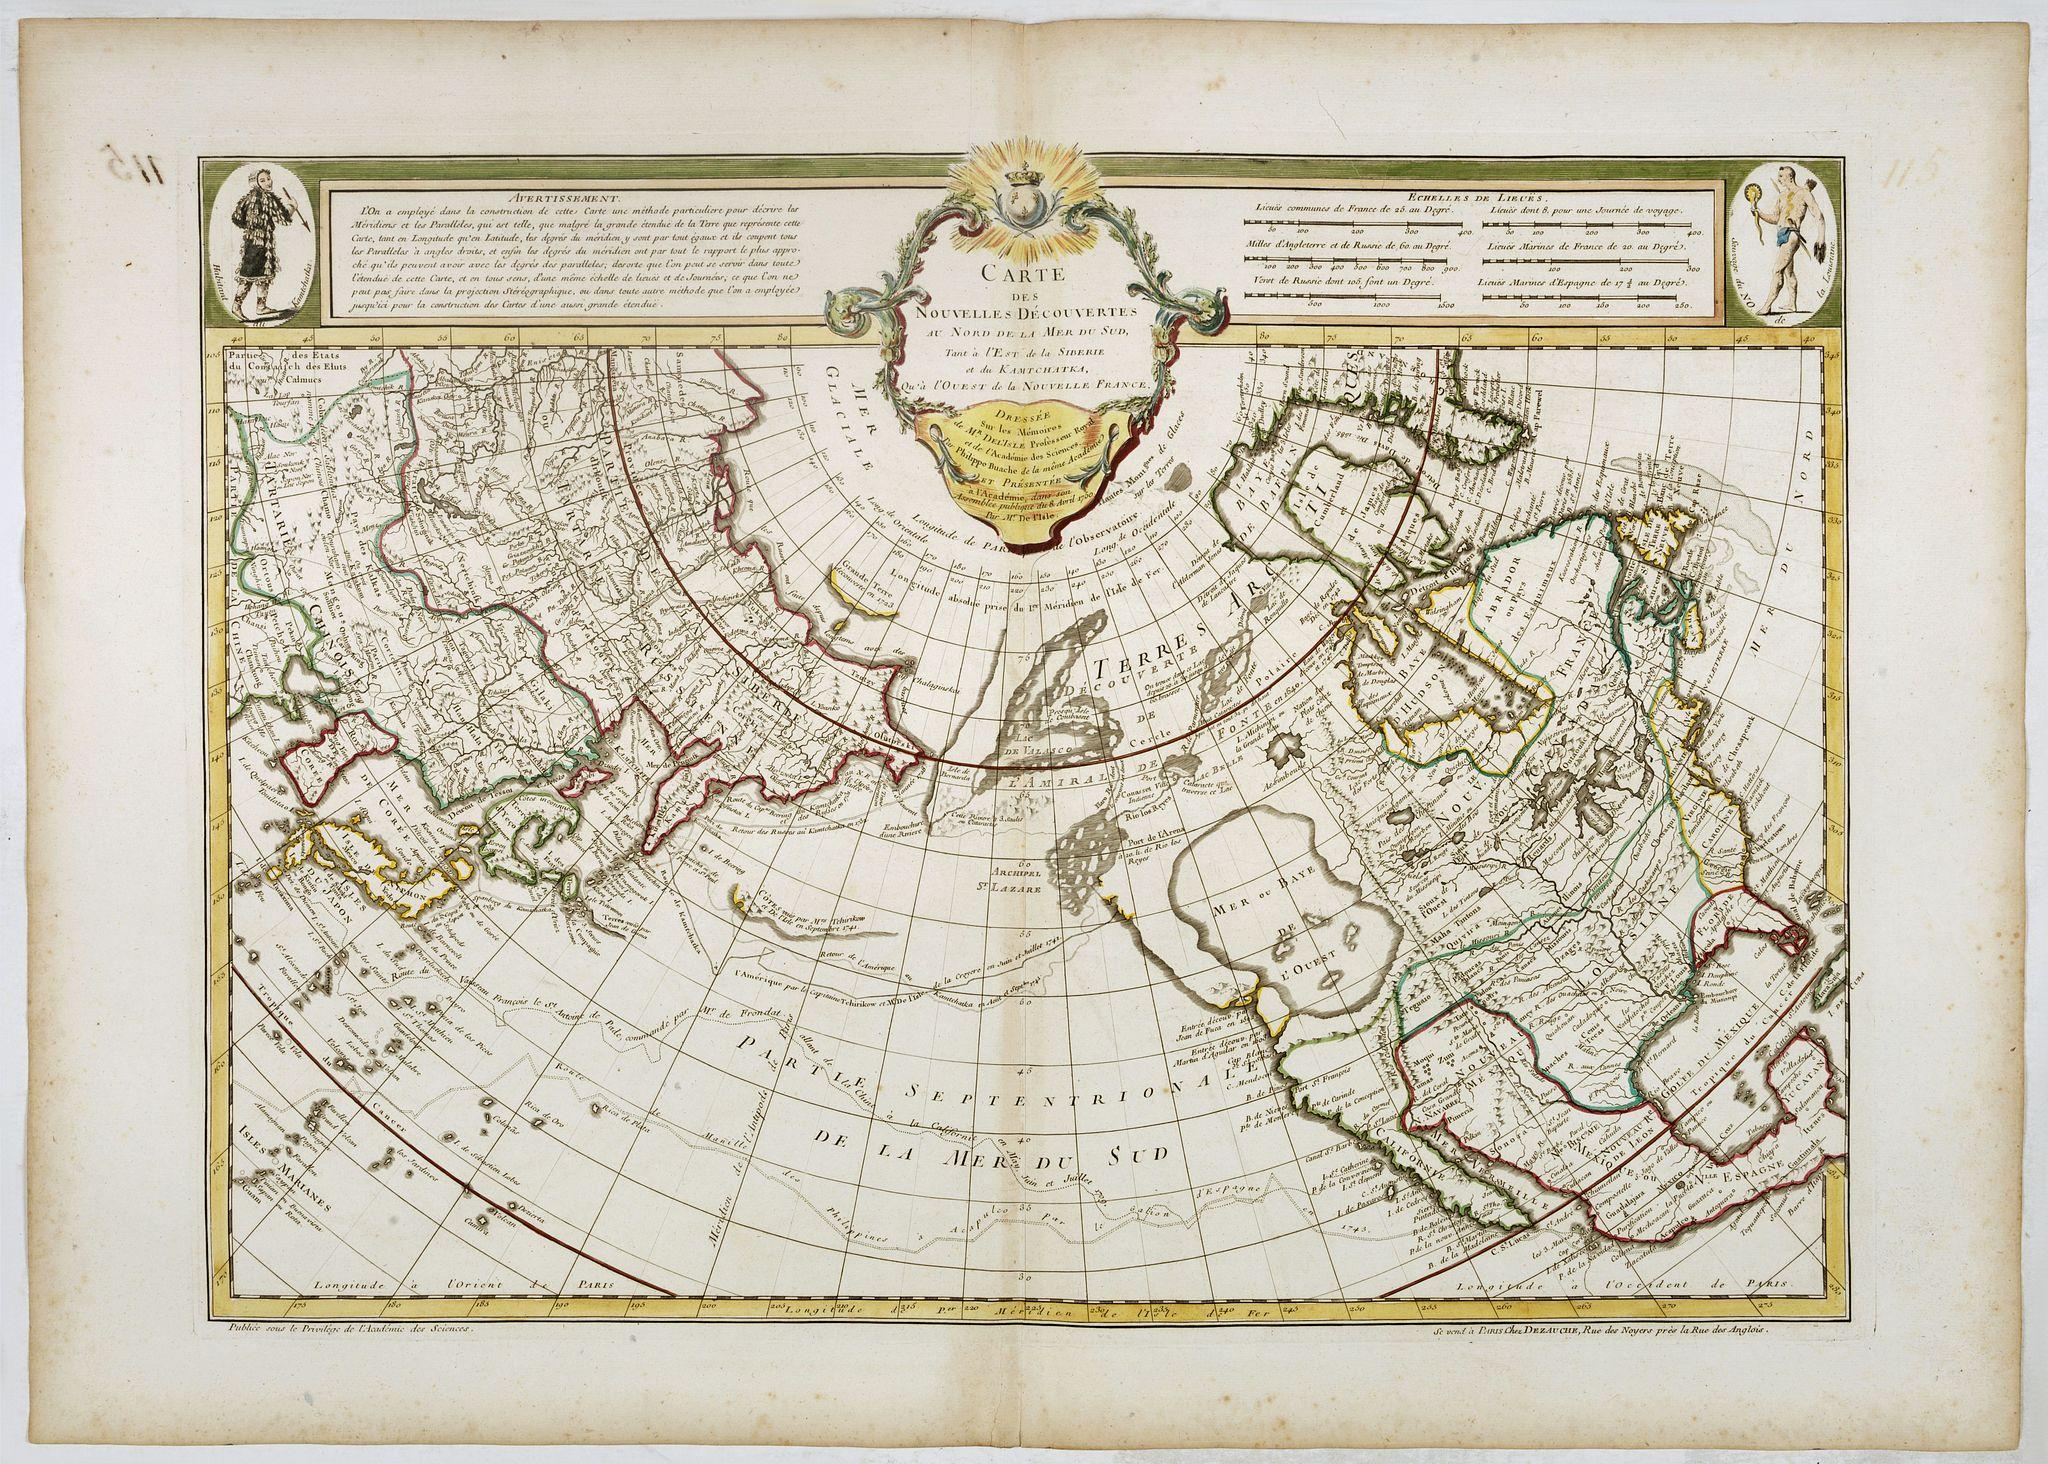 DE L'ISLE., J. -  Carte des nouvelles decouvertes au Nord de la Mer du Sud.